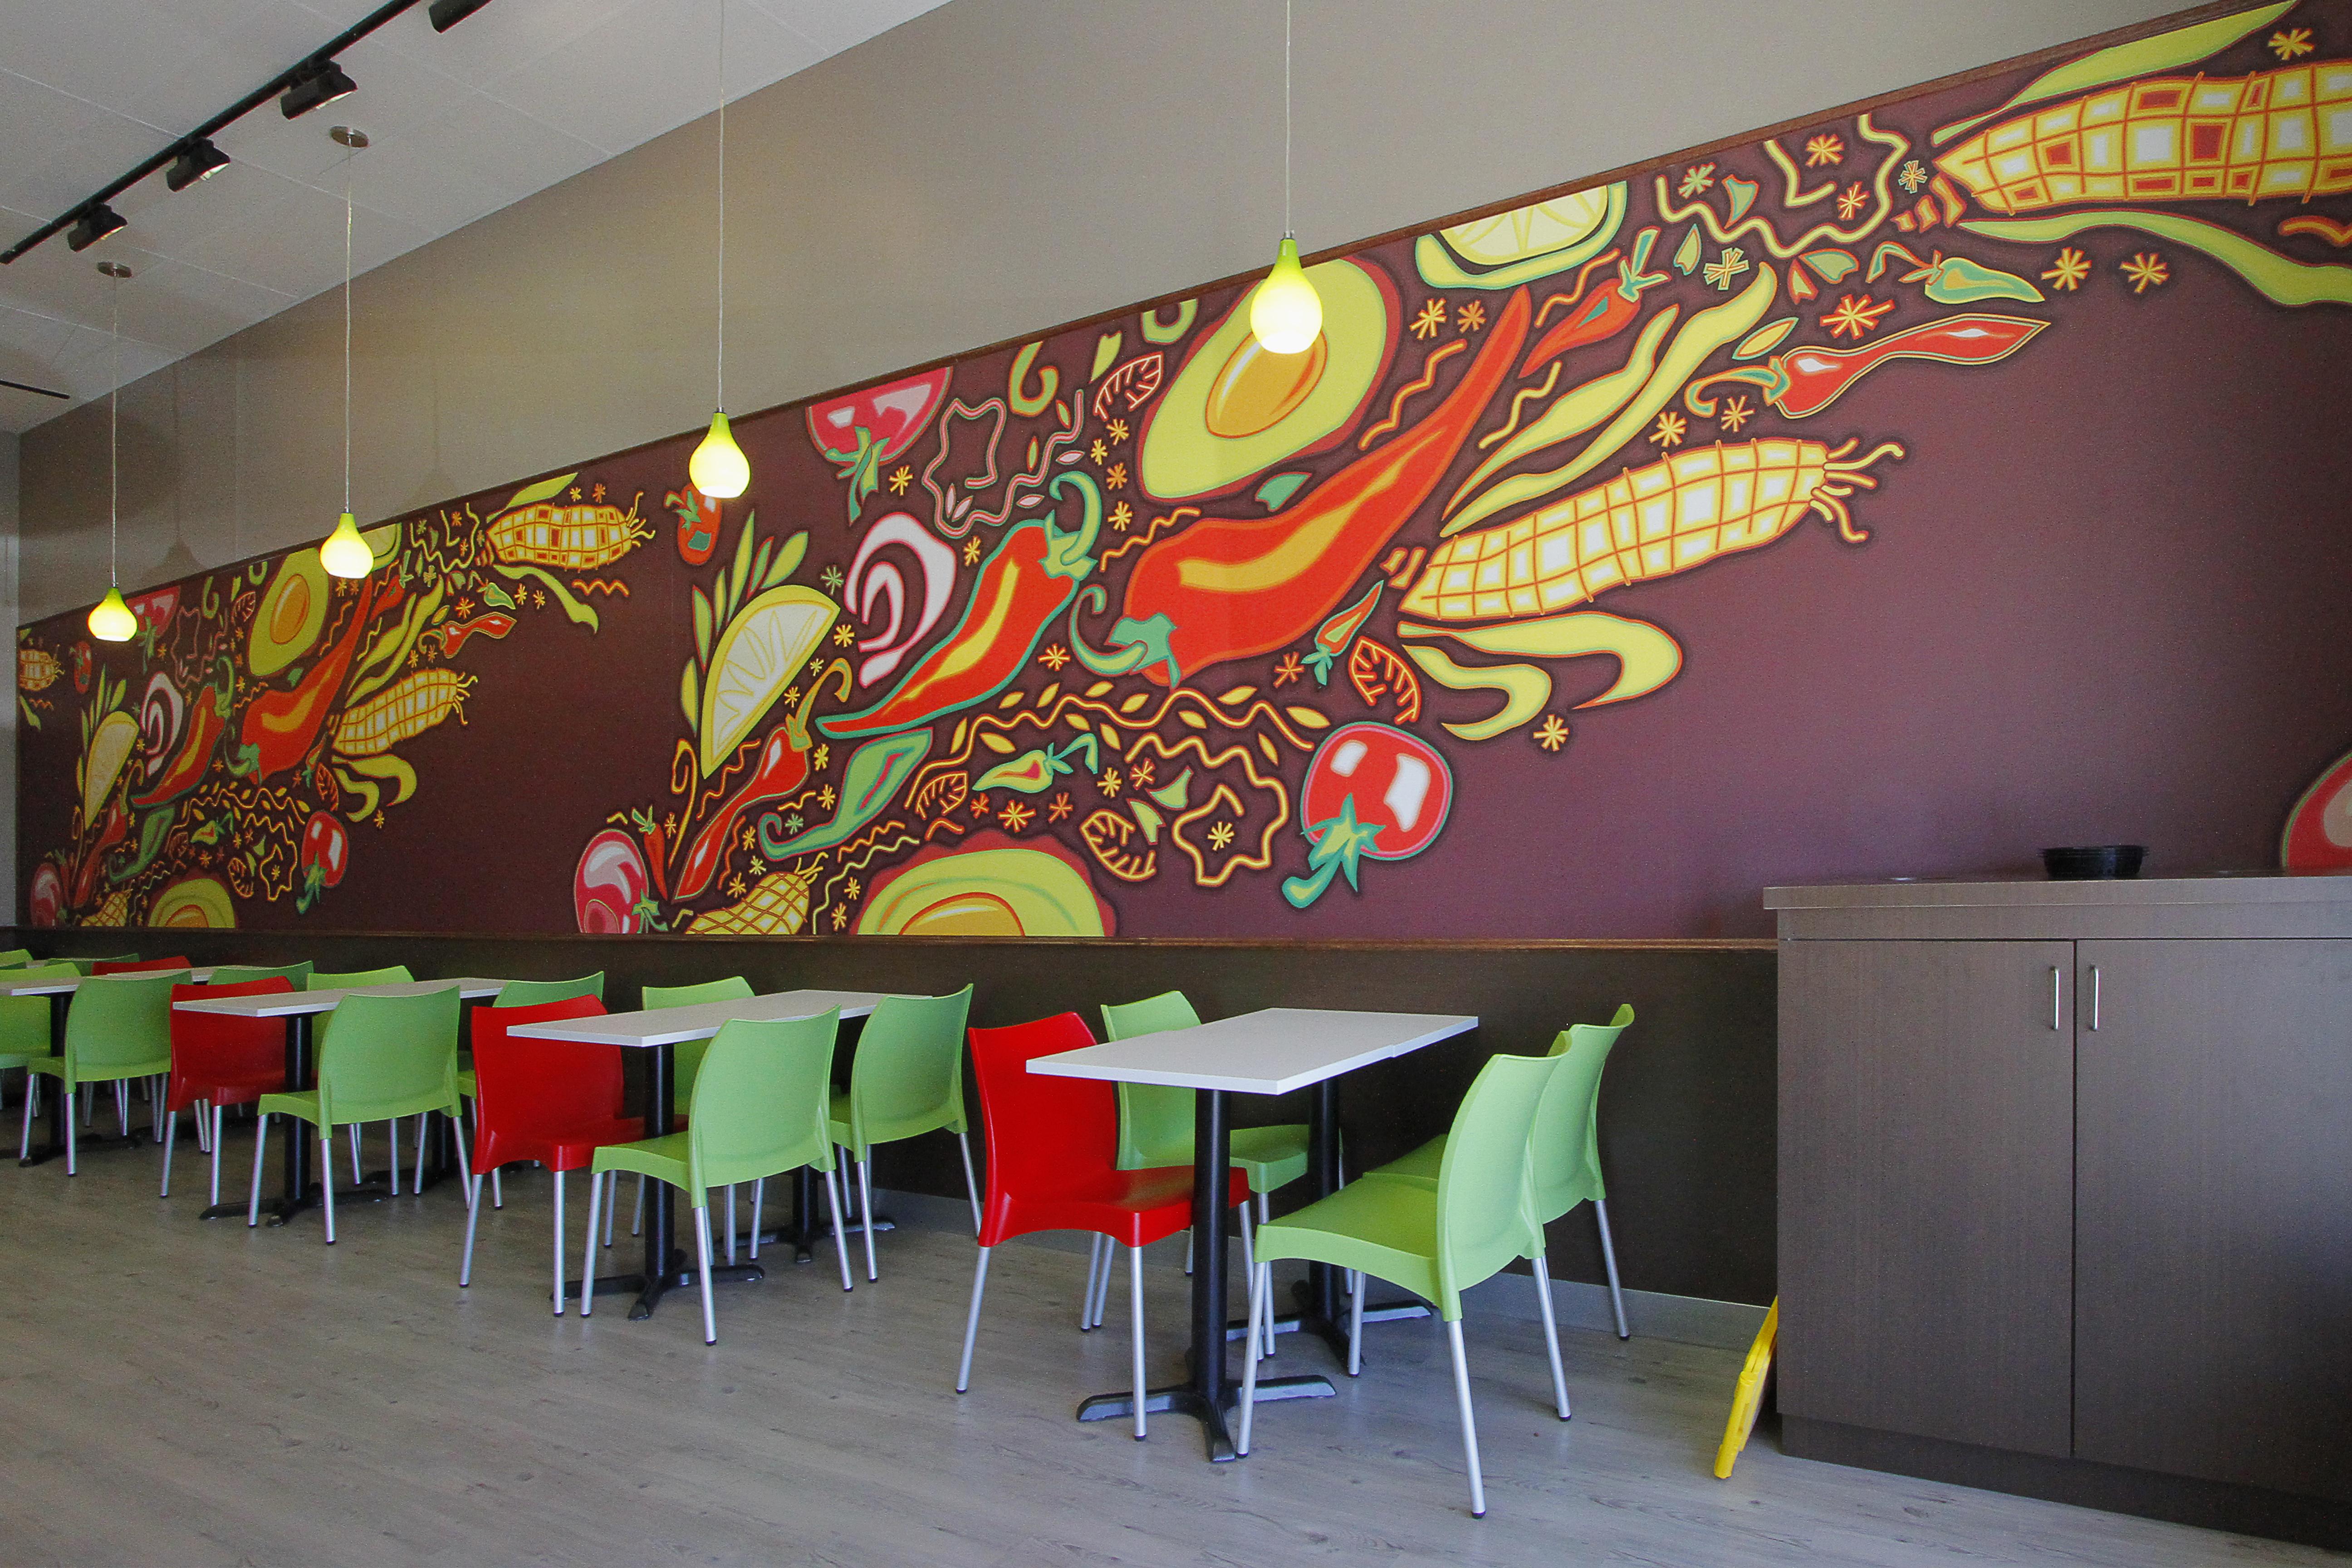 Quesada Mexican Grill Art Mural